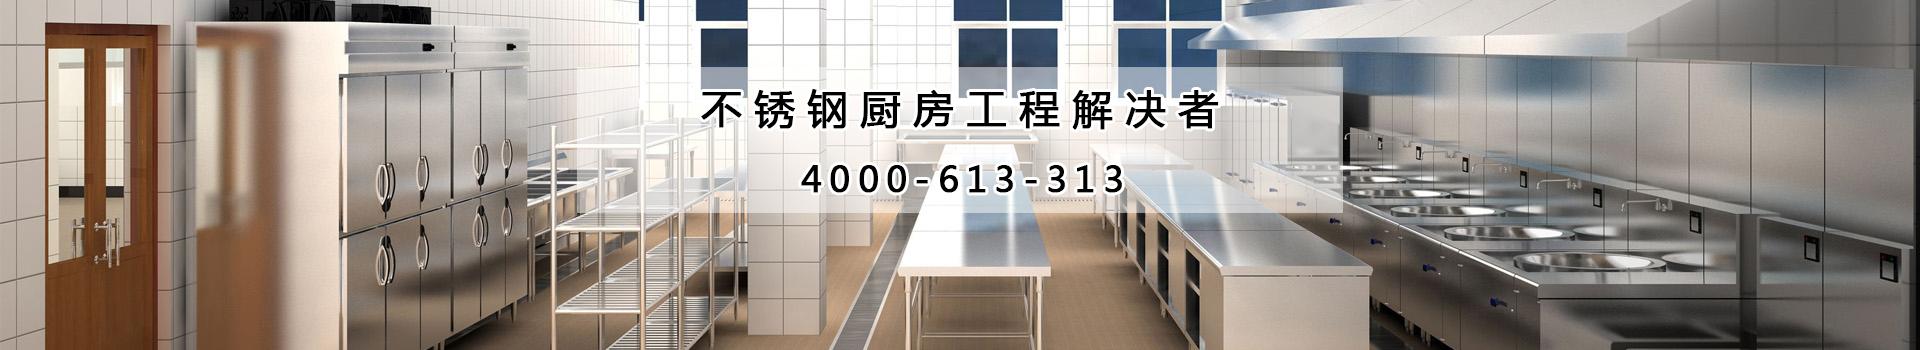 韩米厨不锈钢厨房工程解决者4000-613-313